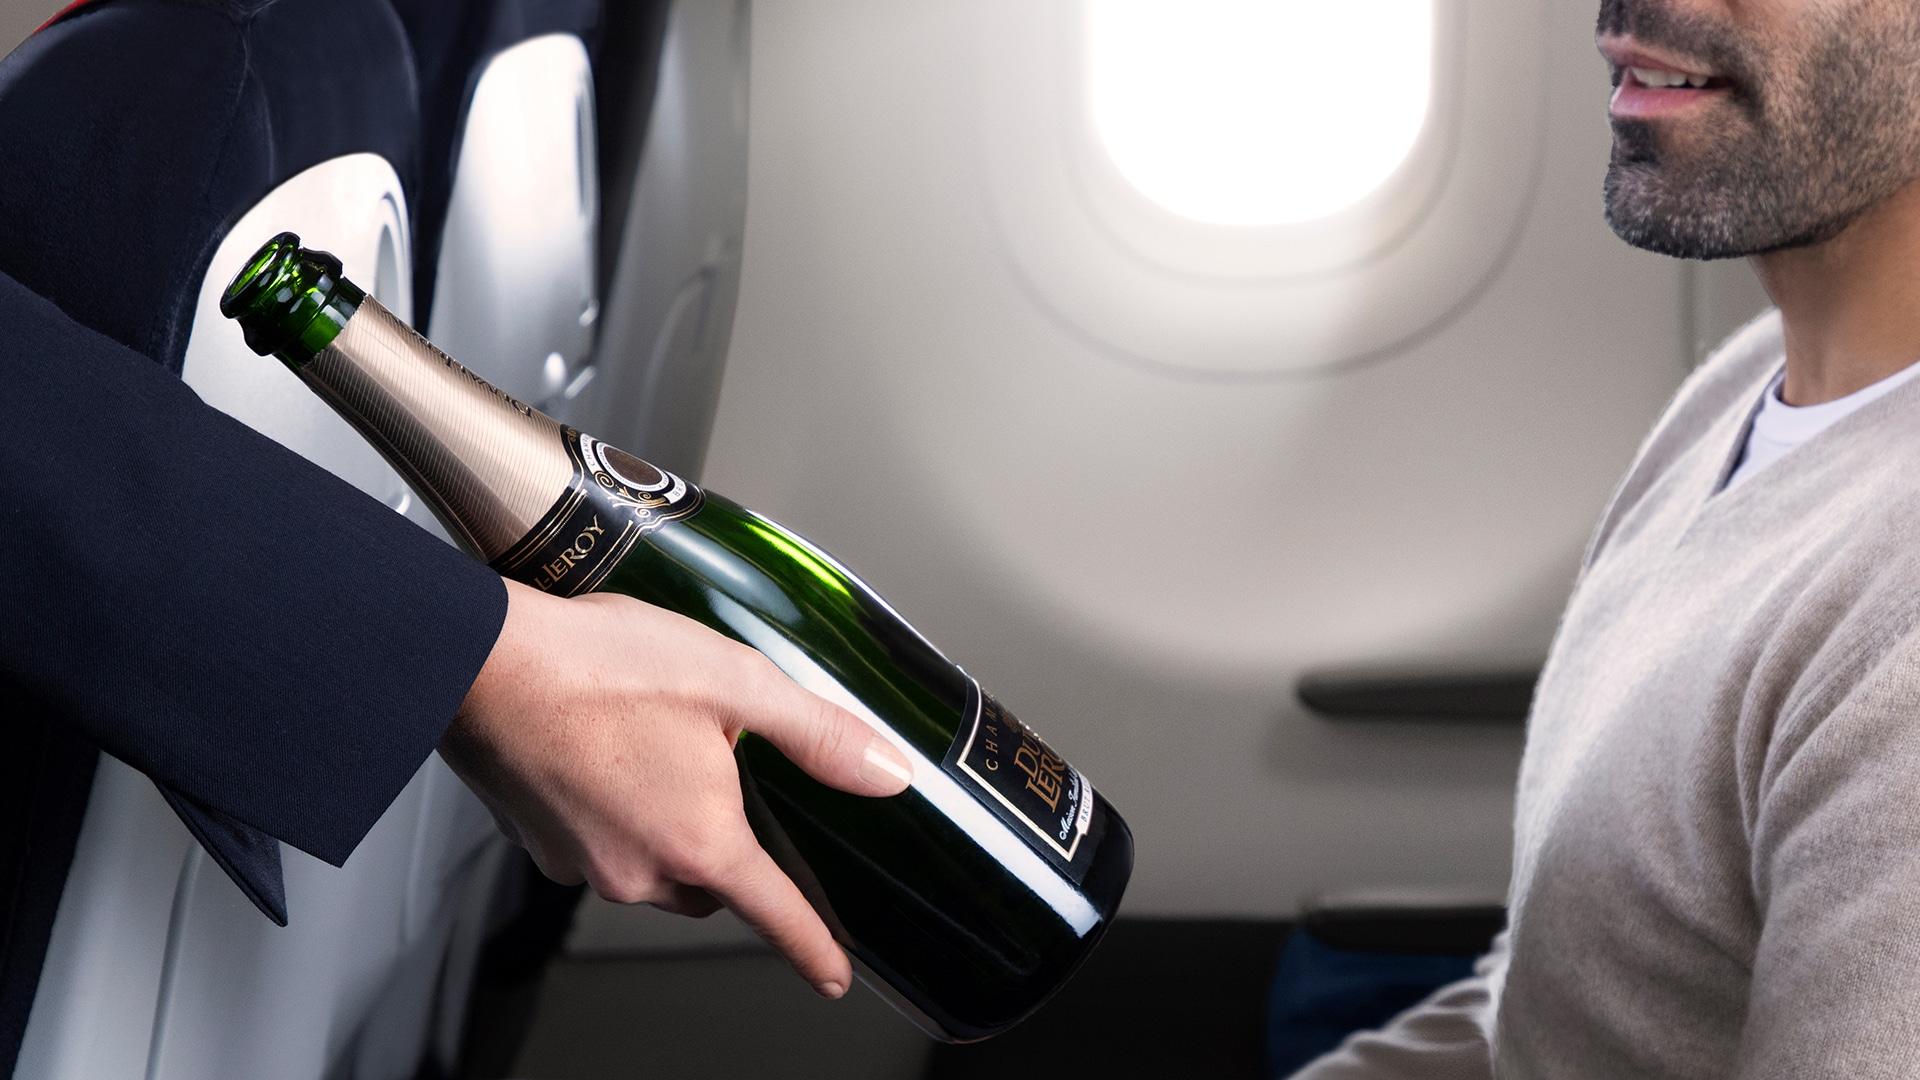 Champagne offert à bord de la nouvelle classe Business d'Air France